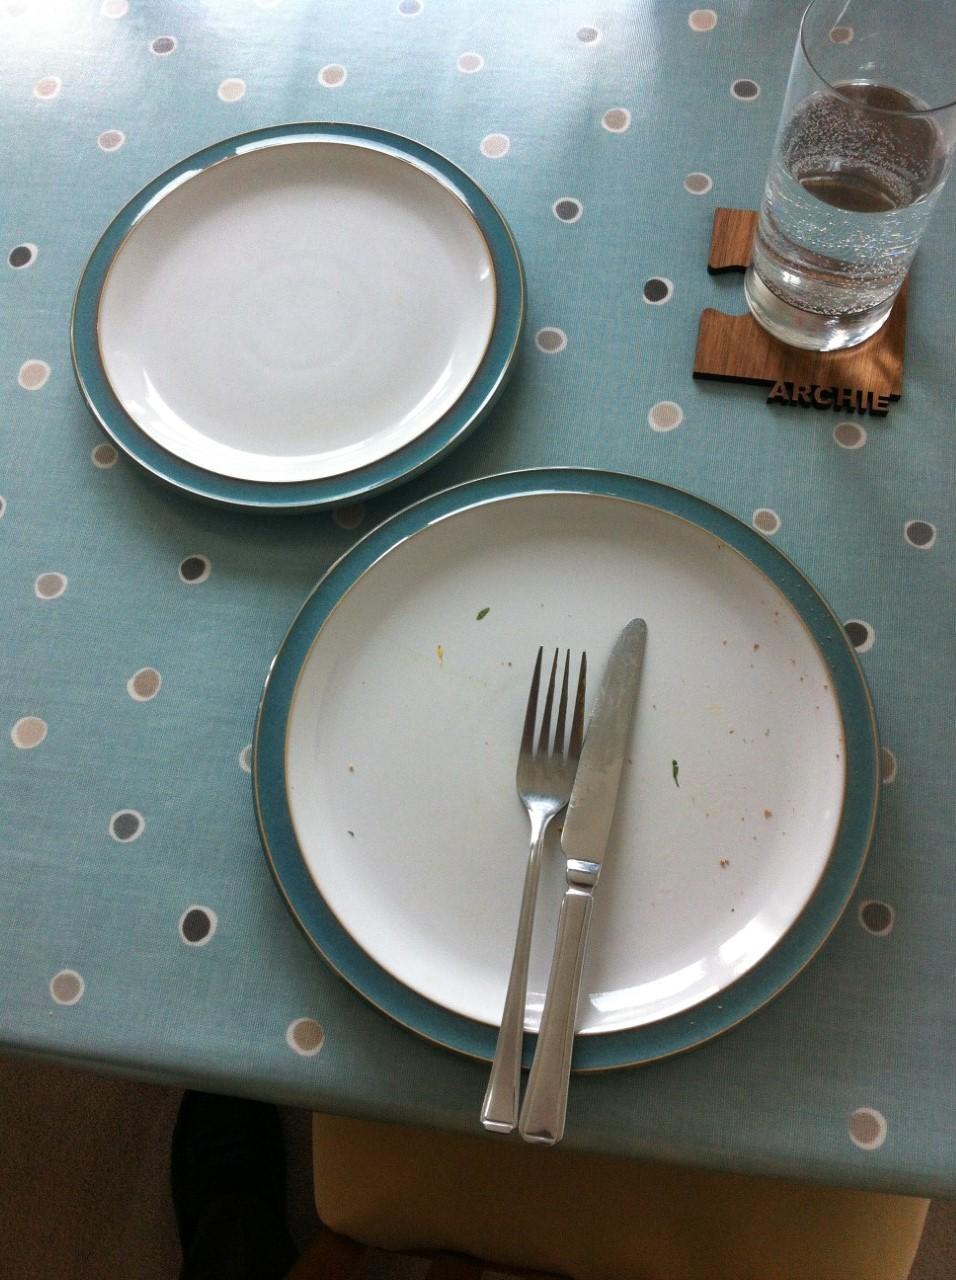 Lunch devoured!